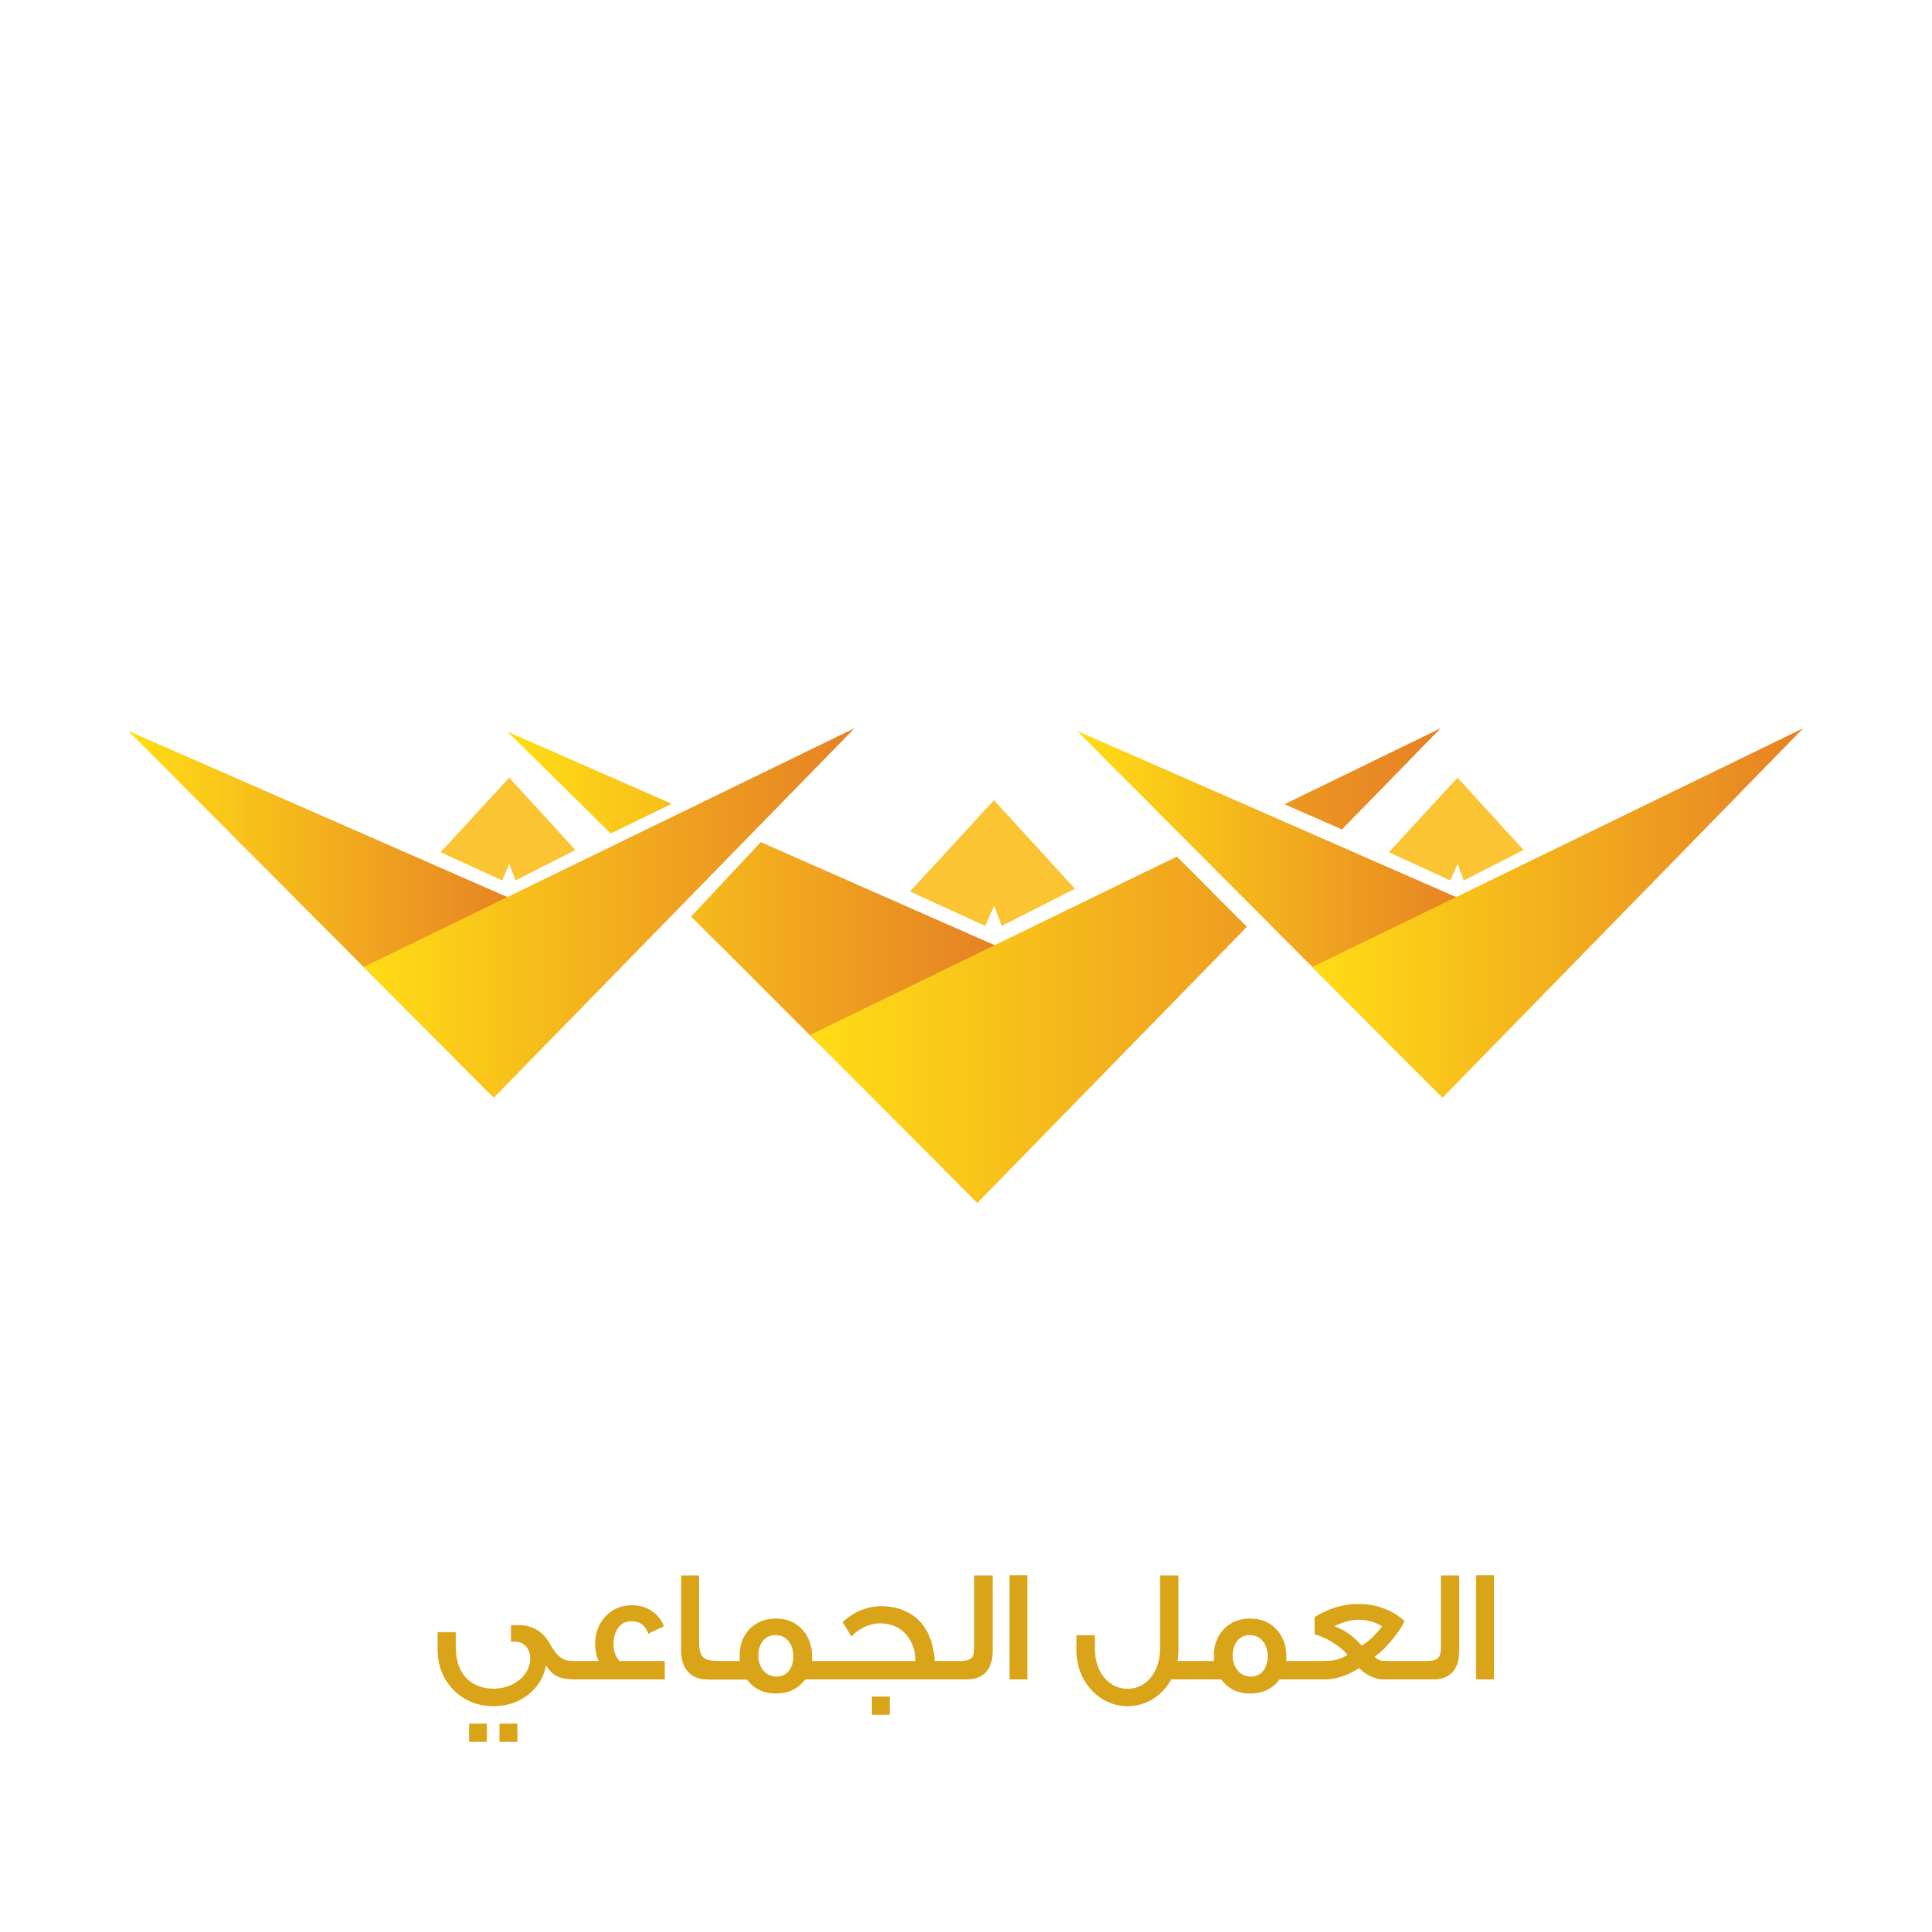 Al-Nassar